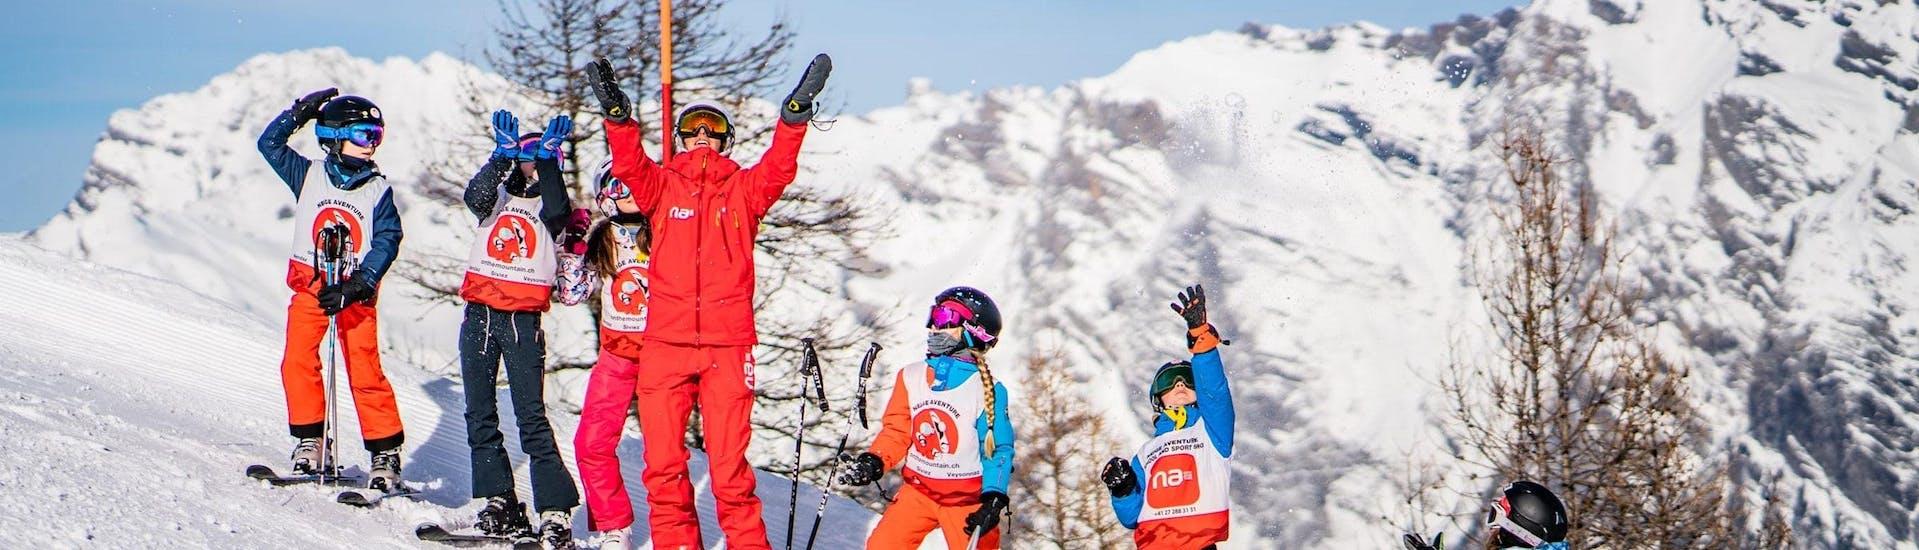 kids-ski-lessons-5-12-y-nendaz-neige-aventure-hero